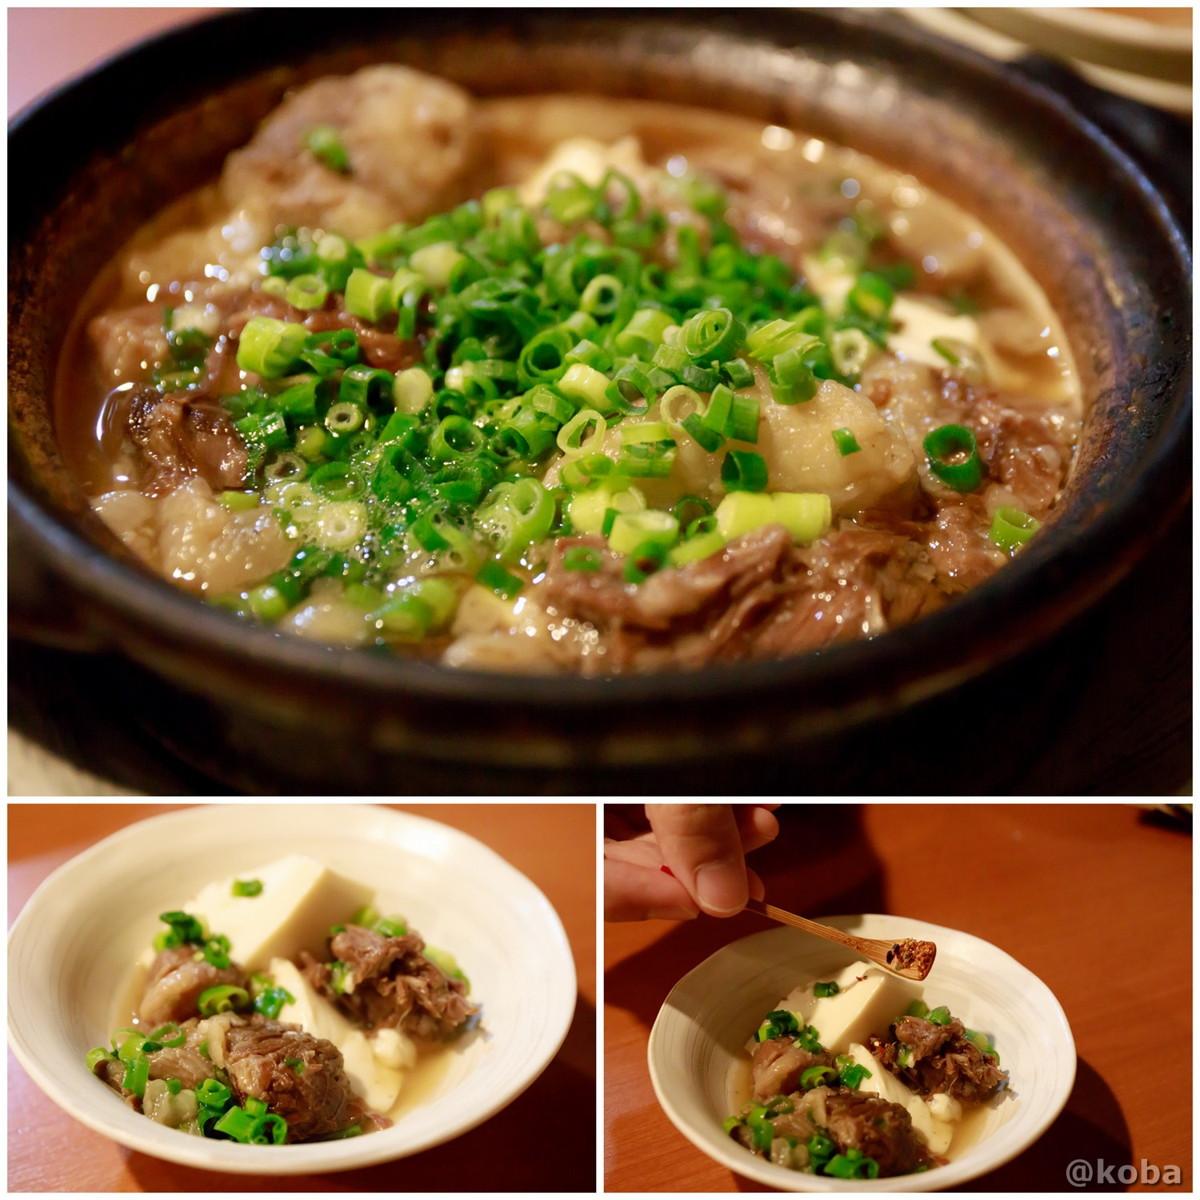 牛スジ豆腐 錦糸町 しゅはり 石臼挽きうどん 和食 東京